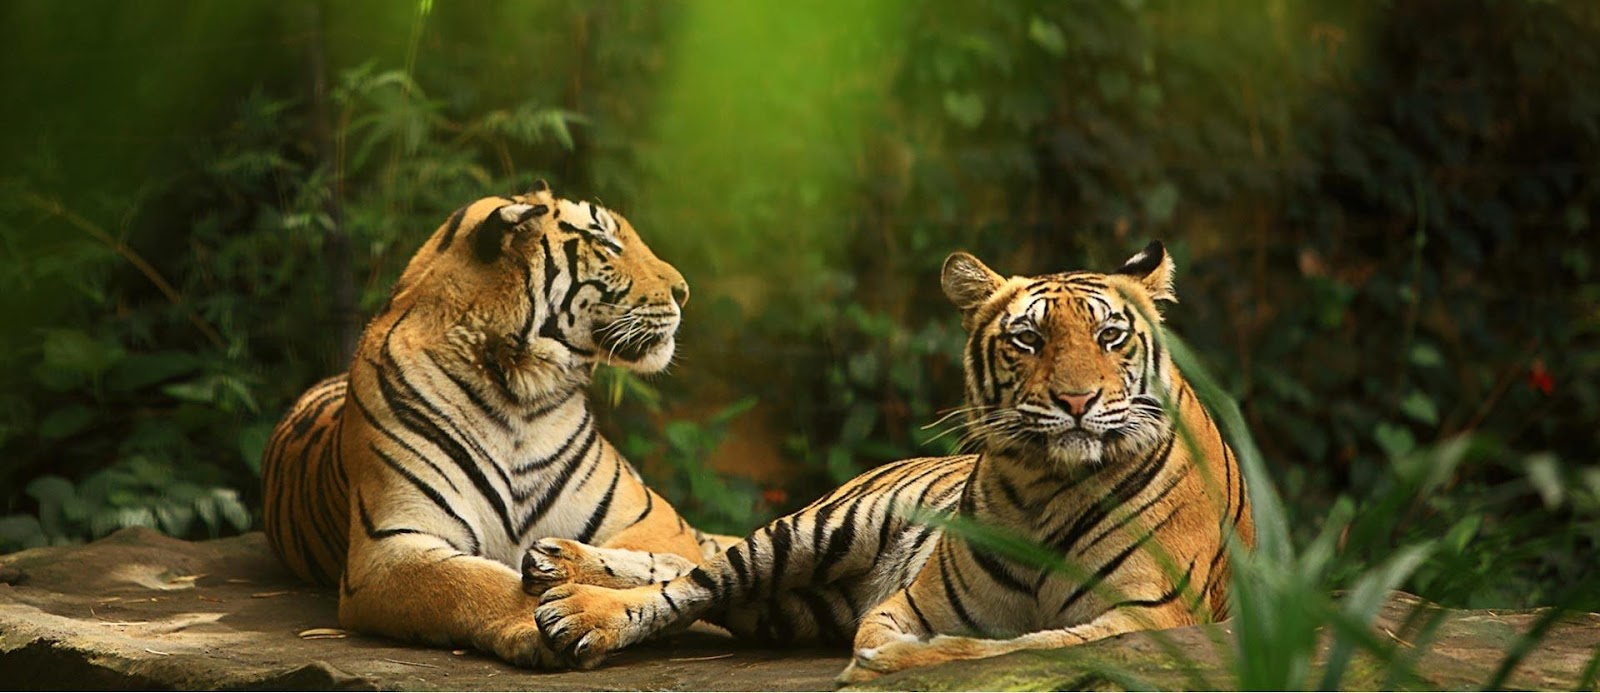 harimau bali-zoocom.jpg